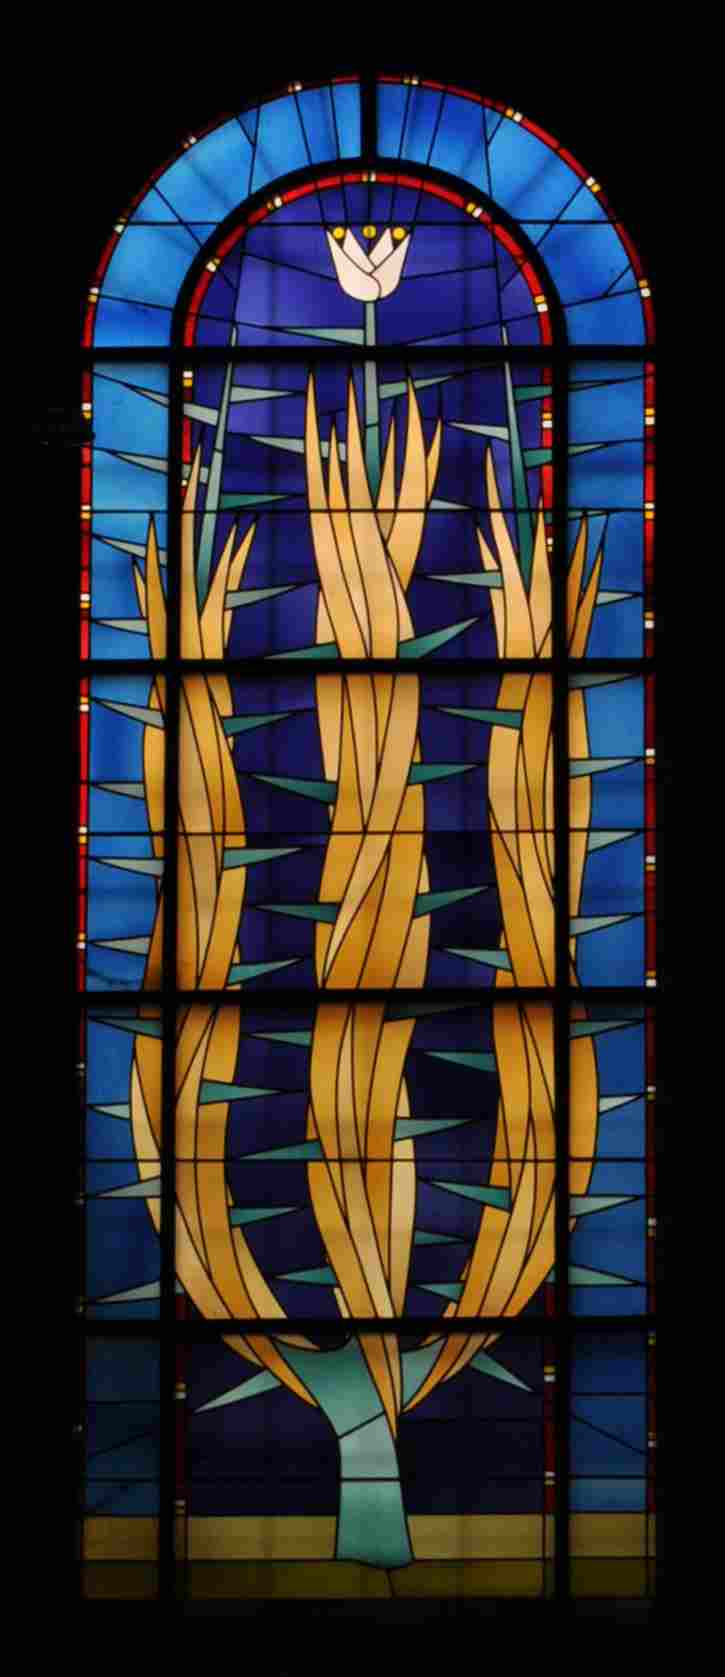 Full Size of Fenster Trier Neues Id Basilika St Matthias Aron Fliegengitter Für Preisvergleich Polen Beleuchtung Sichtschutz De Schallschutz Bodentief Rahmenlose Fenster Fenster Trier